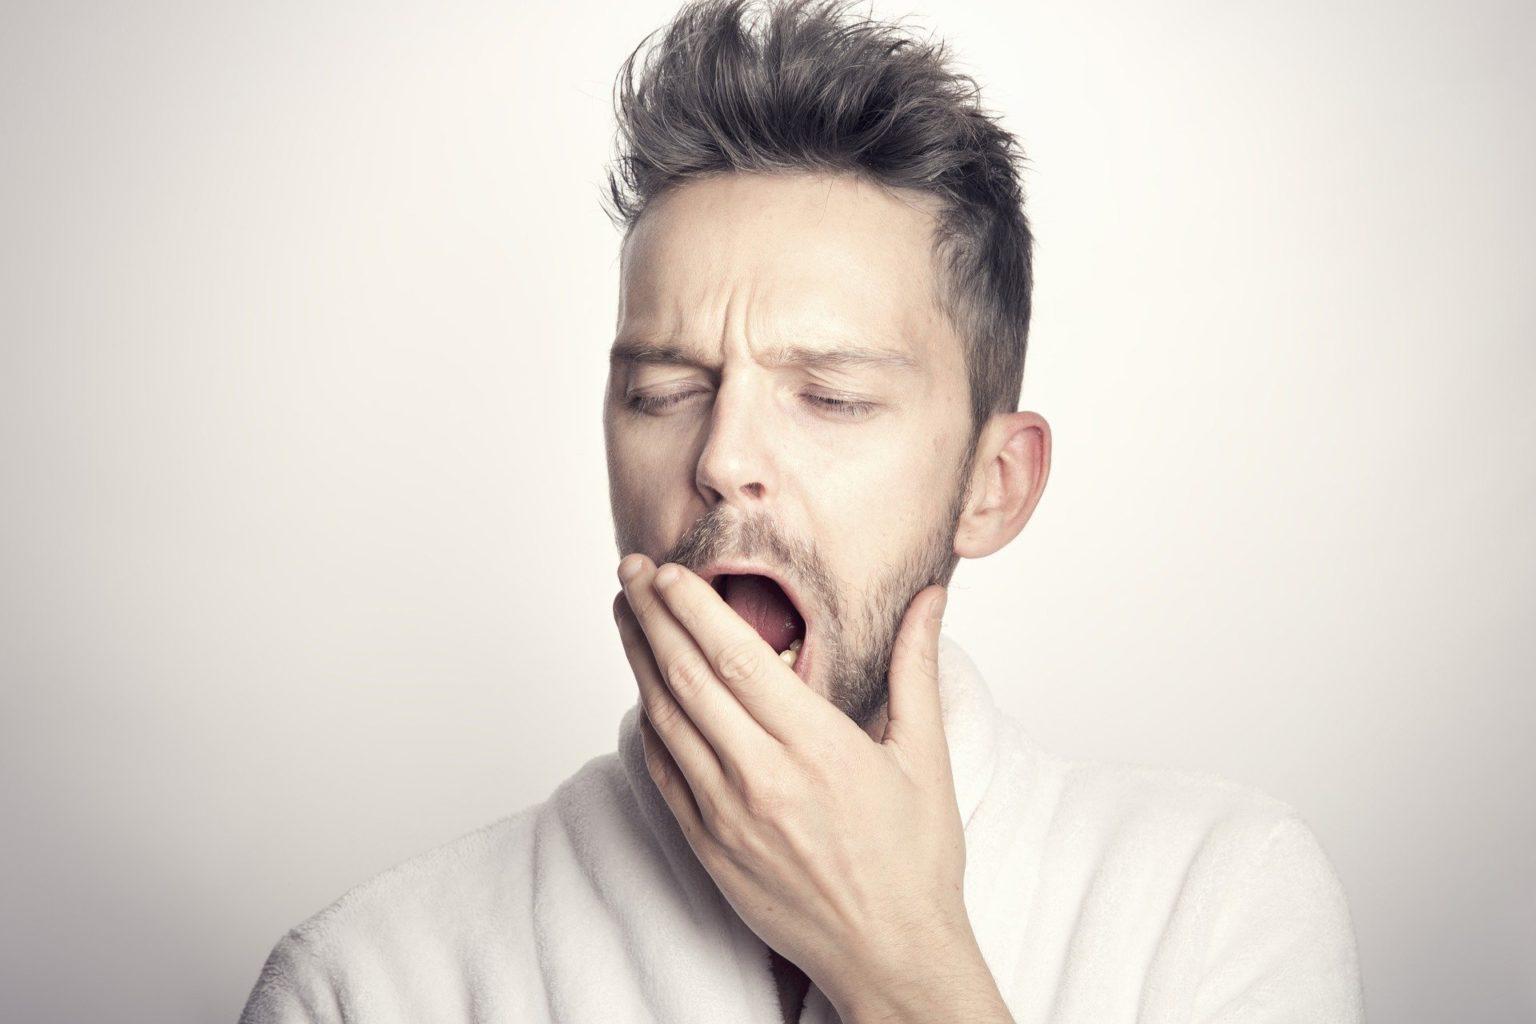 Снижение либидо, неуклюжесть и другие неожиданные признаки недостатка сна